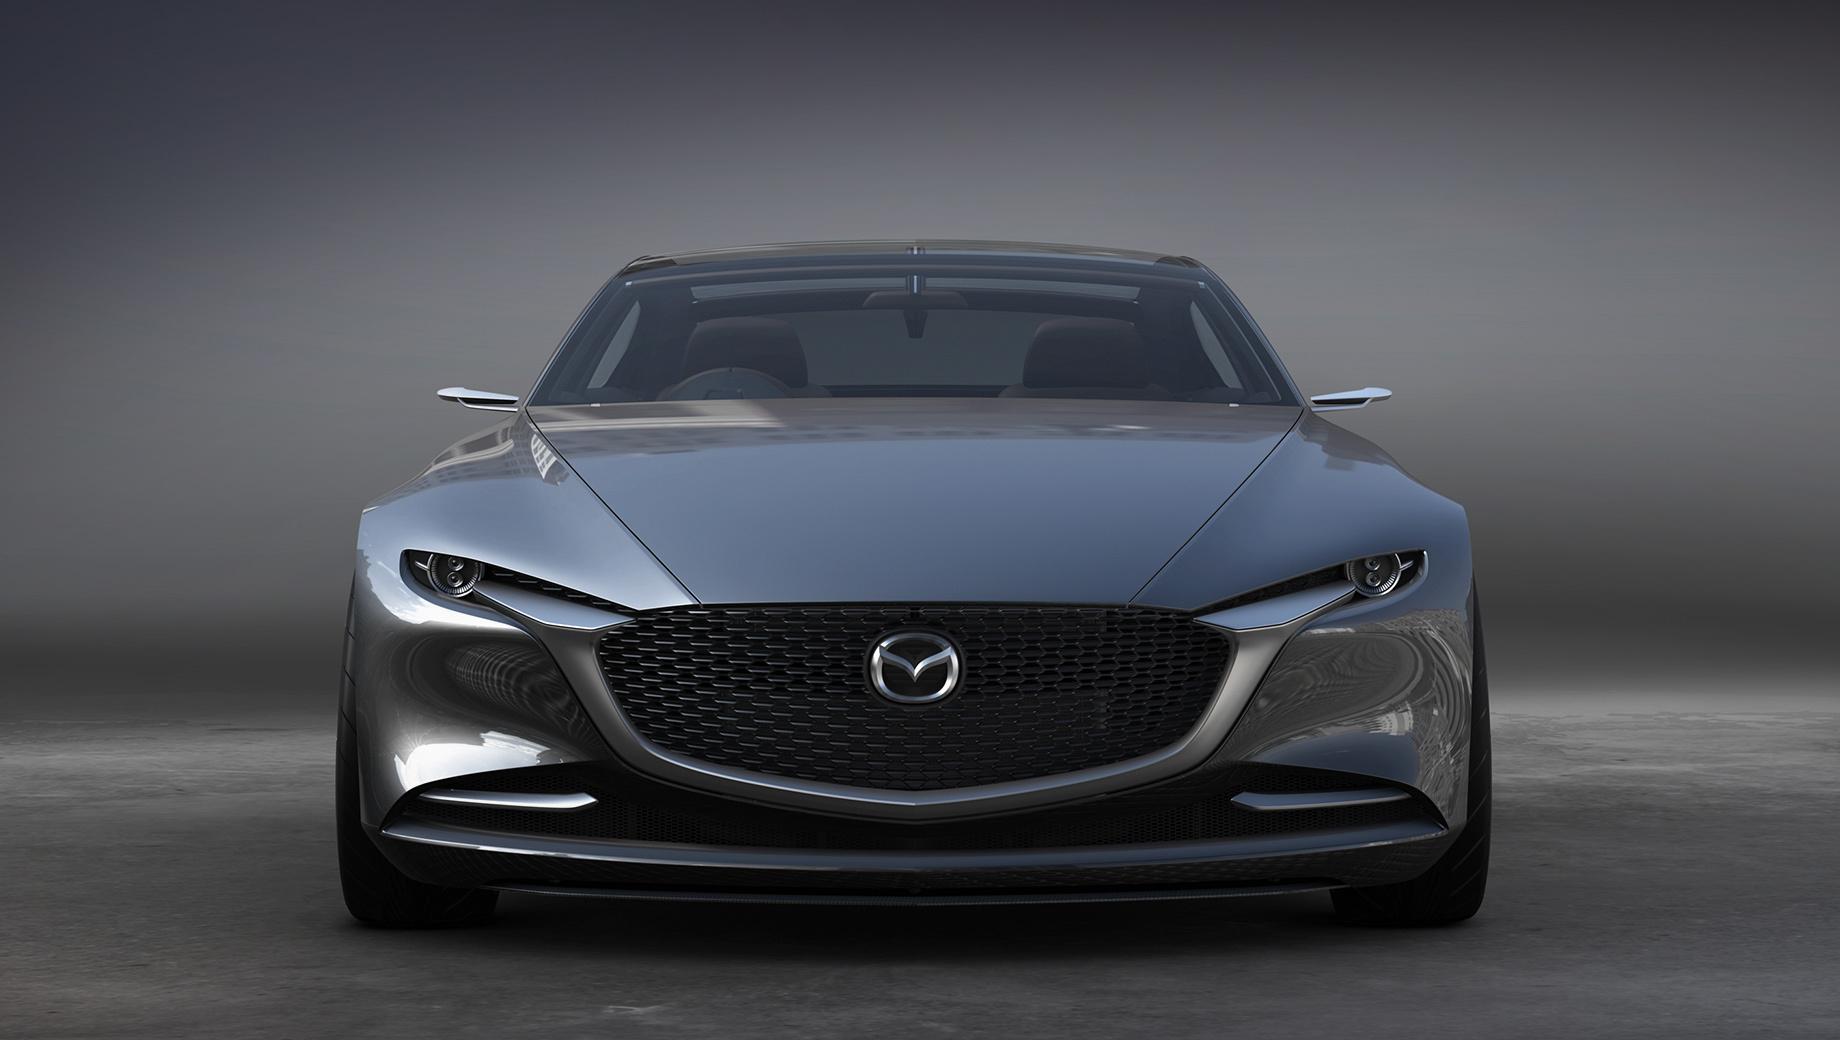 Mazda 6. Наиболее дорогие модификации Мазды 6 четвёртой генерации будут оснащаться бензиновым двигателем Skyactiv-X с приводным нагнетателем и дизелем Skyactiv-D. Оба мотора рядные шестицилиндровые. Также вместо заднего привода можно будет заказать полный.